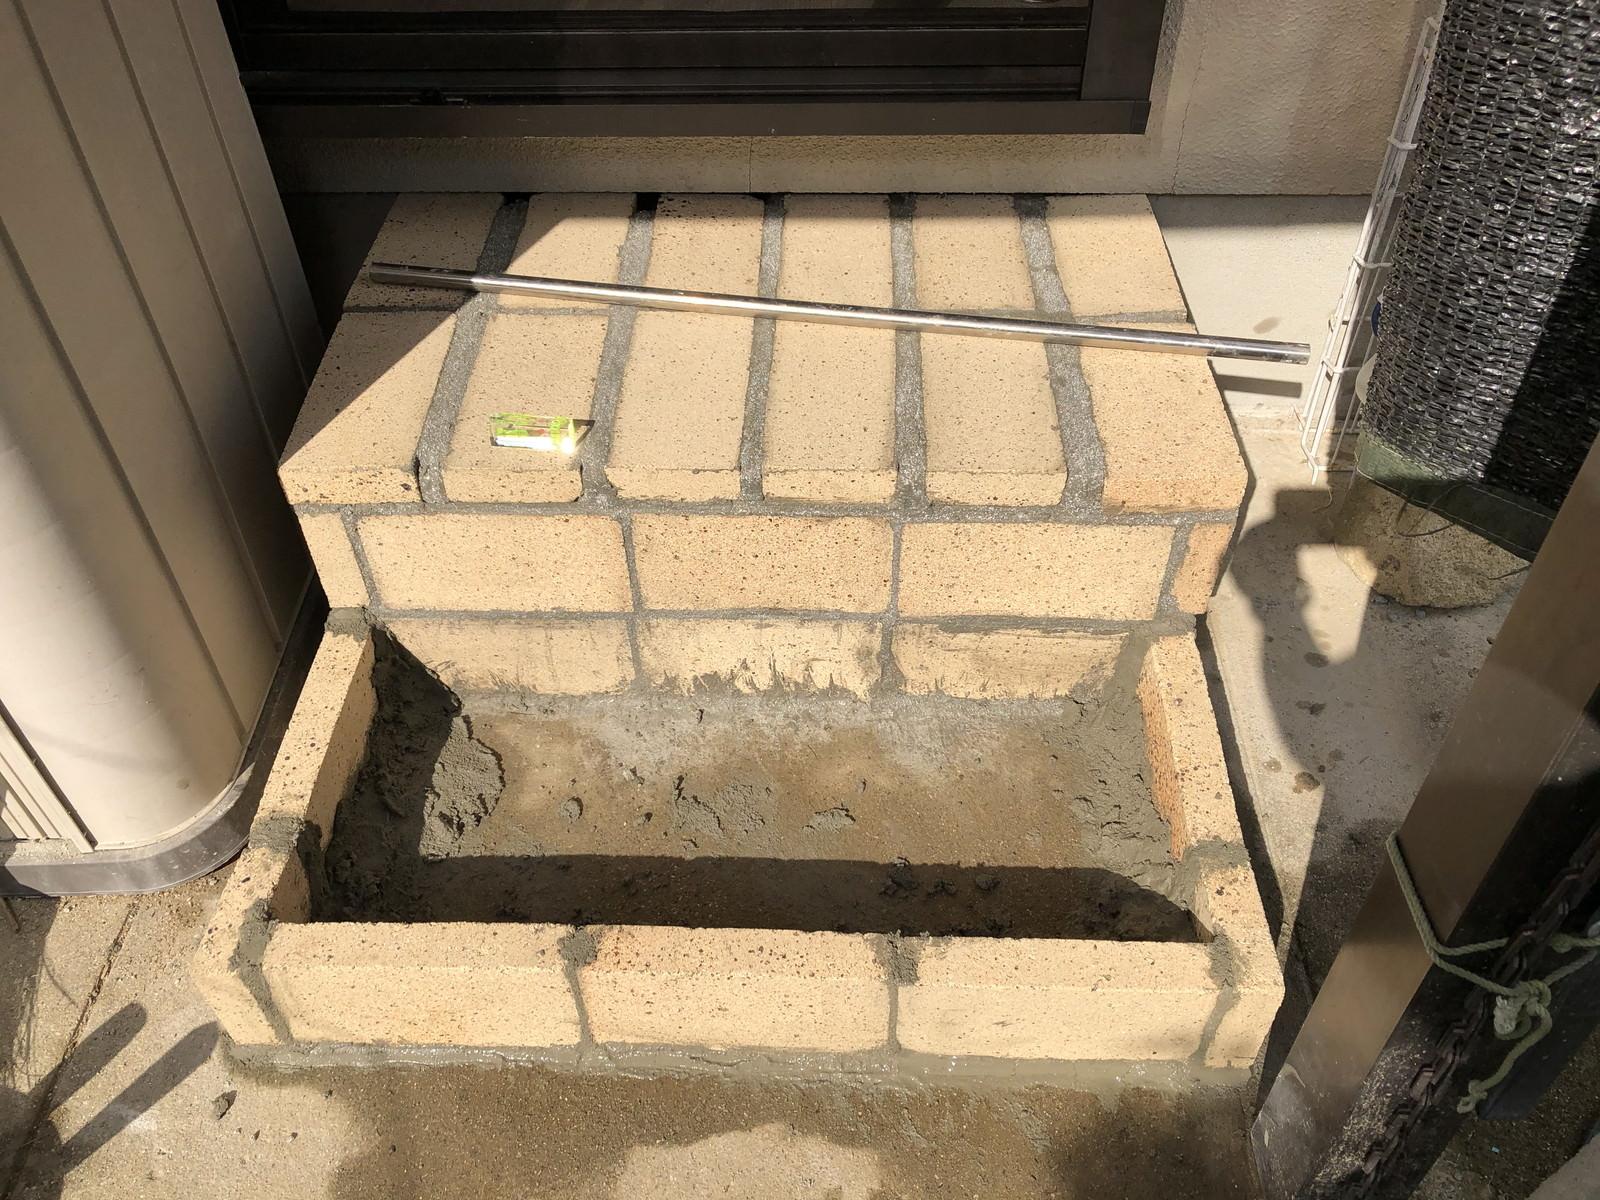 1段目の階段の外枠をレンガで作る